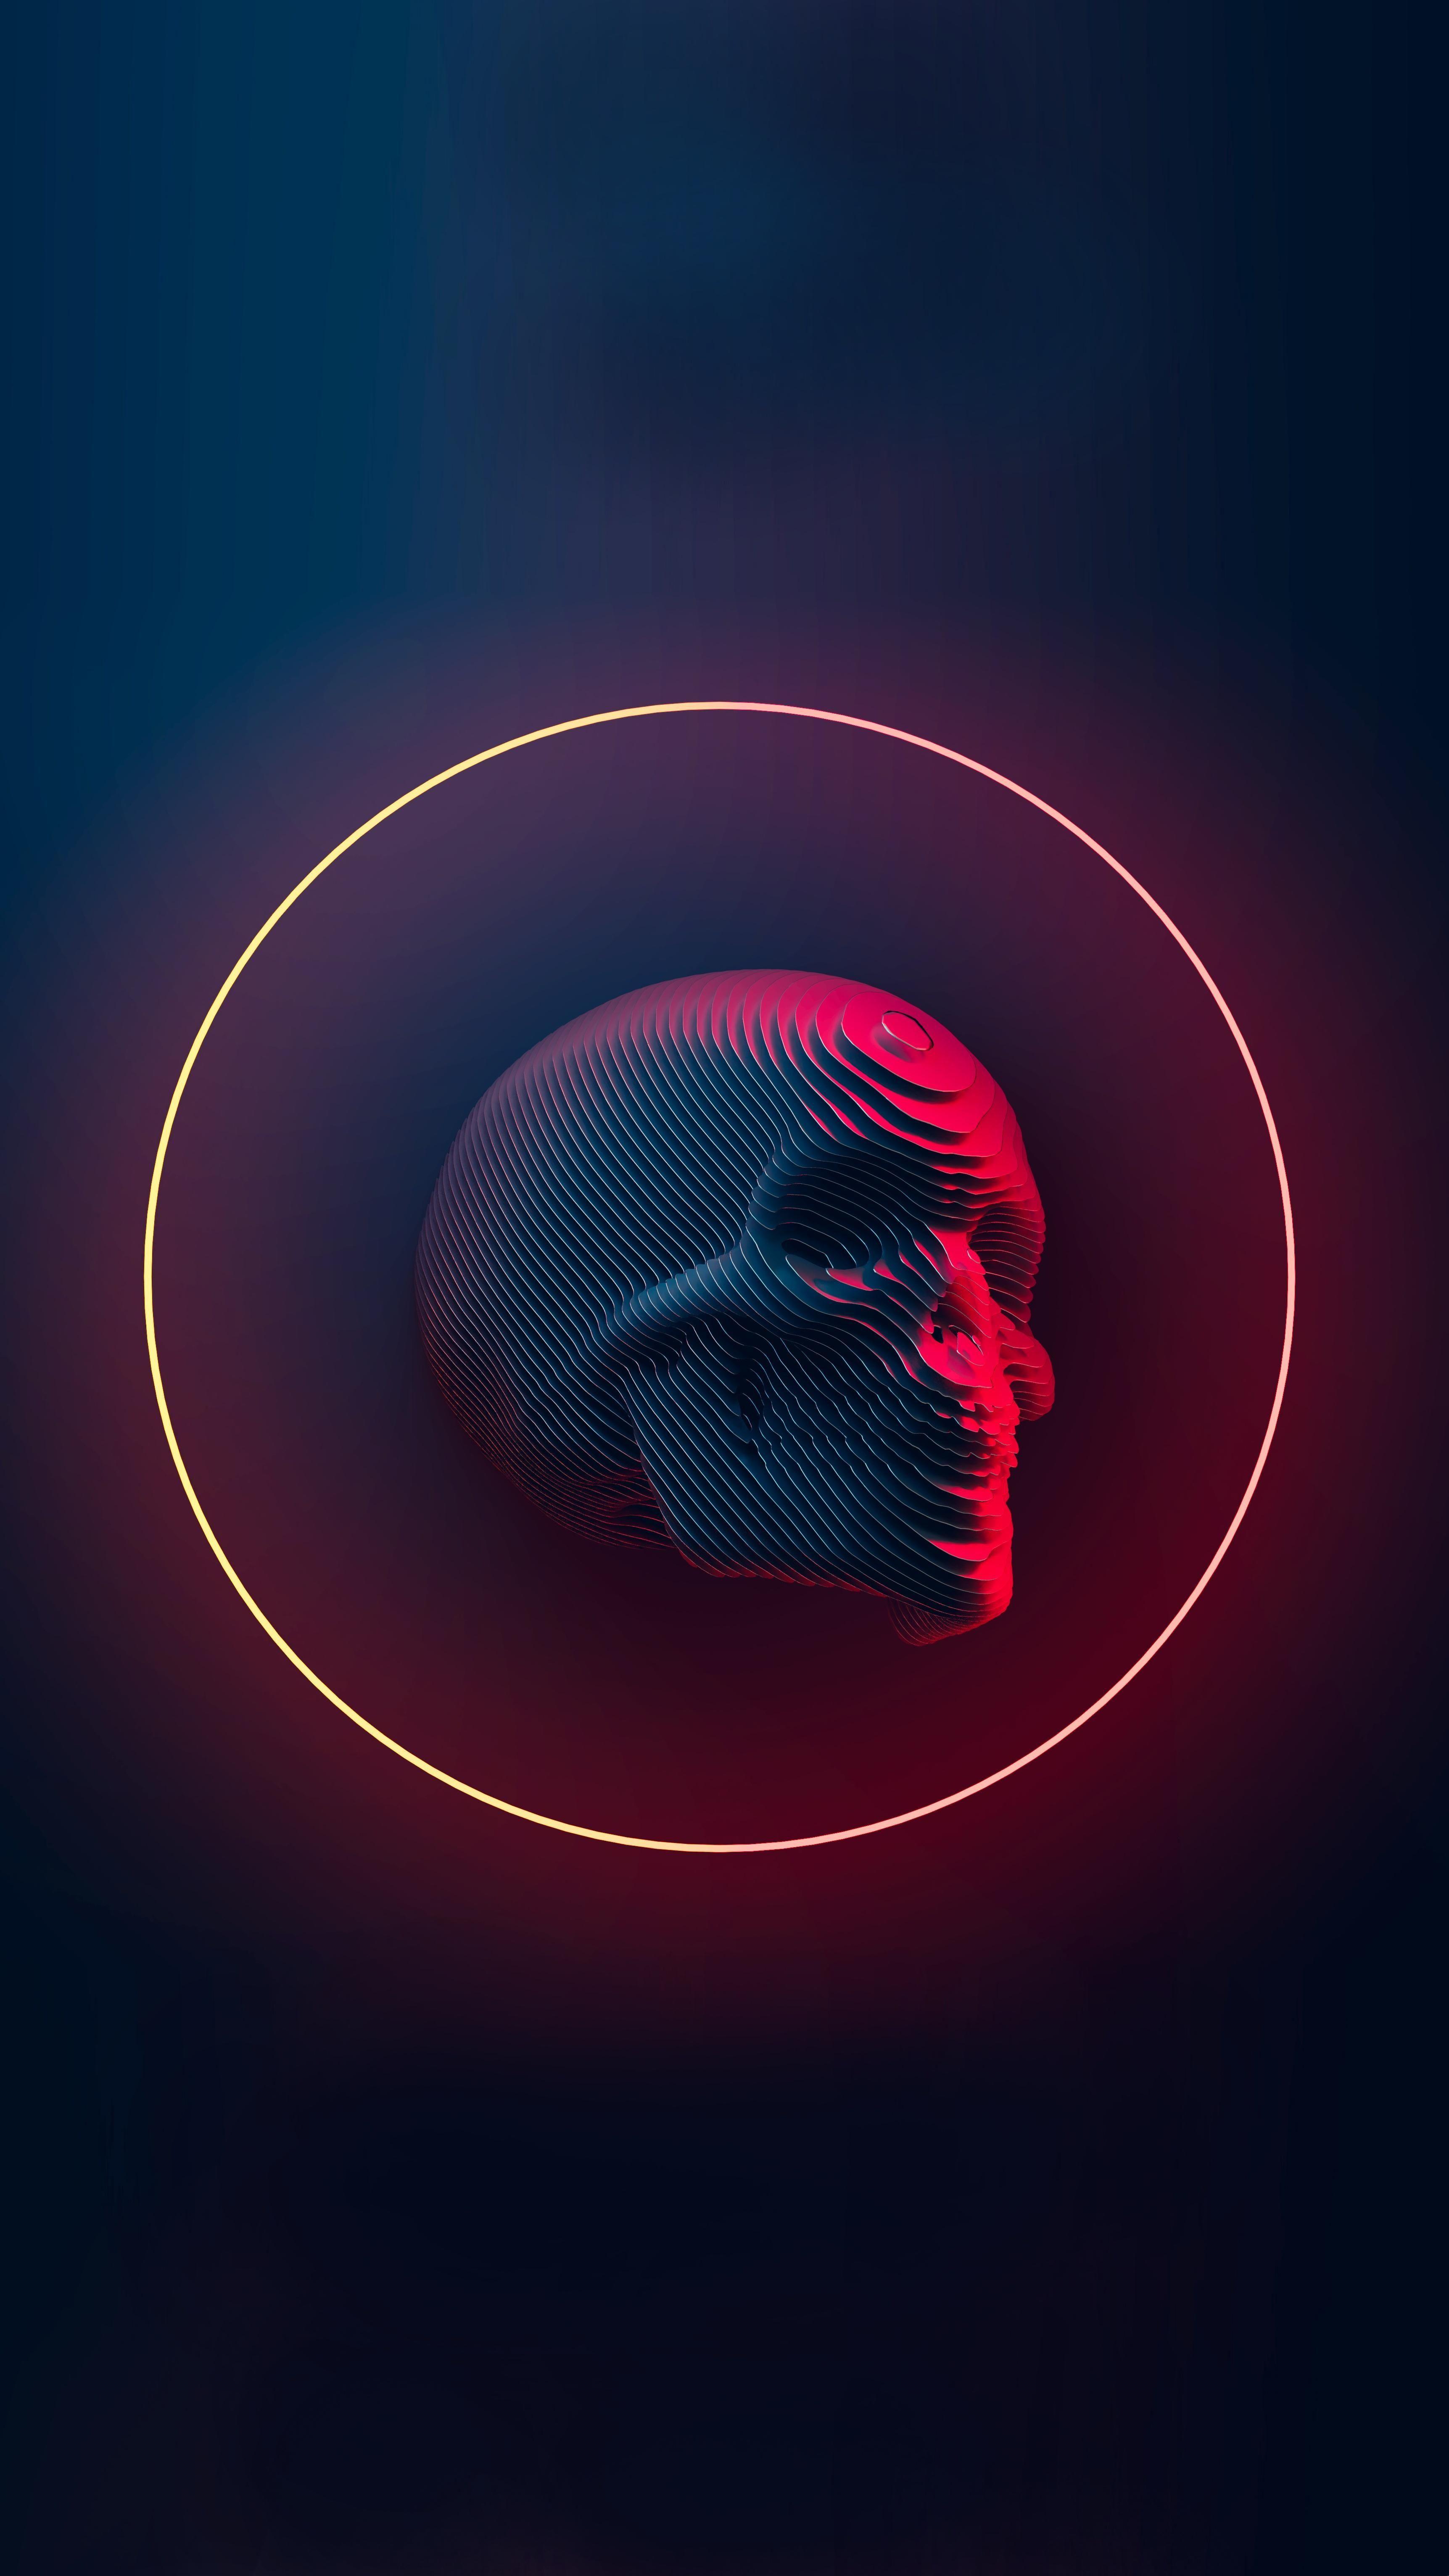 Sliced Skull 2 In 2020 Skull Wallpaper Vaporwave Wallpaper Vaporwave Art